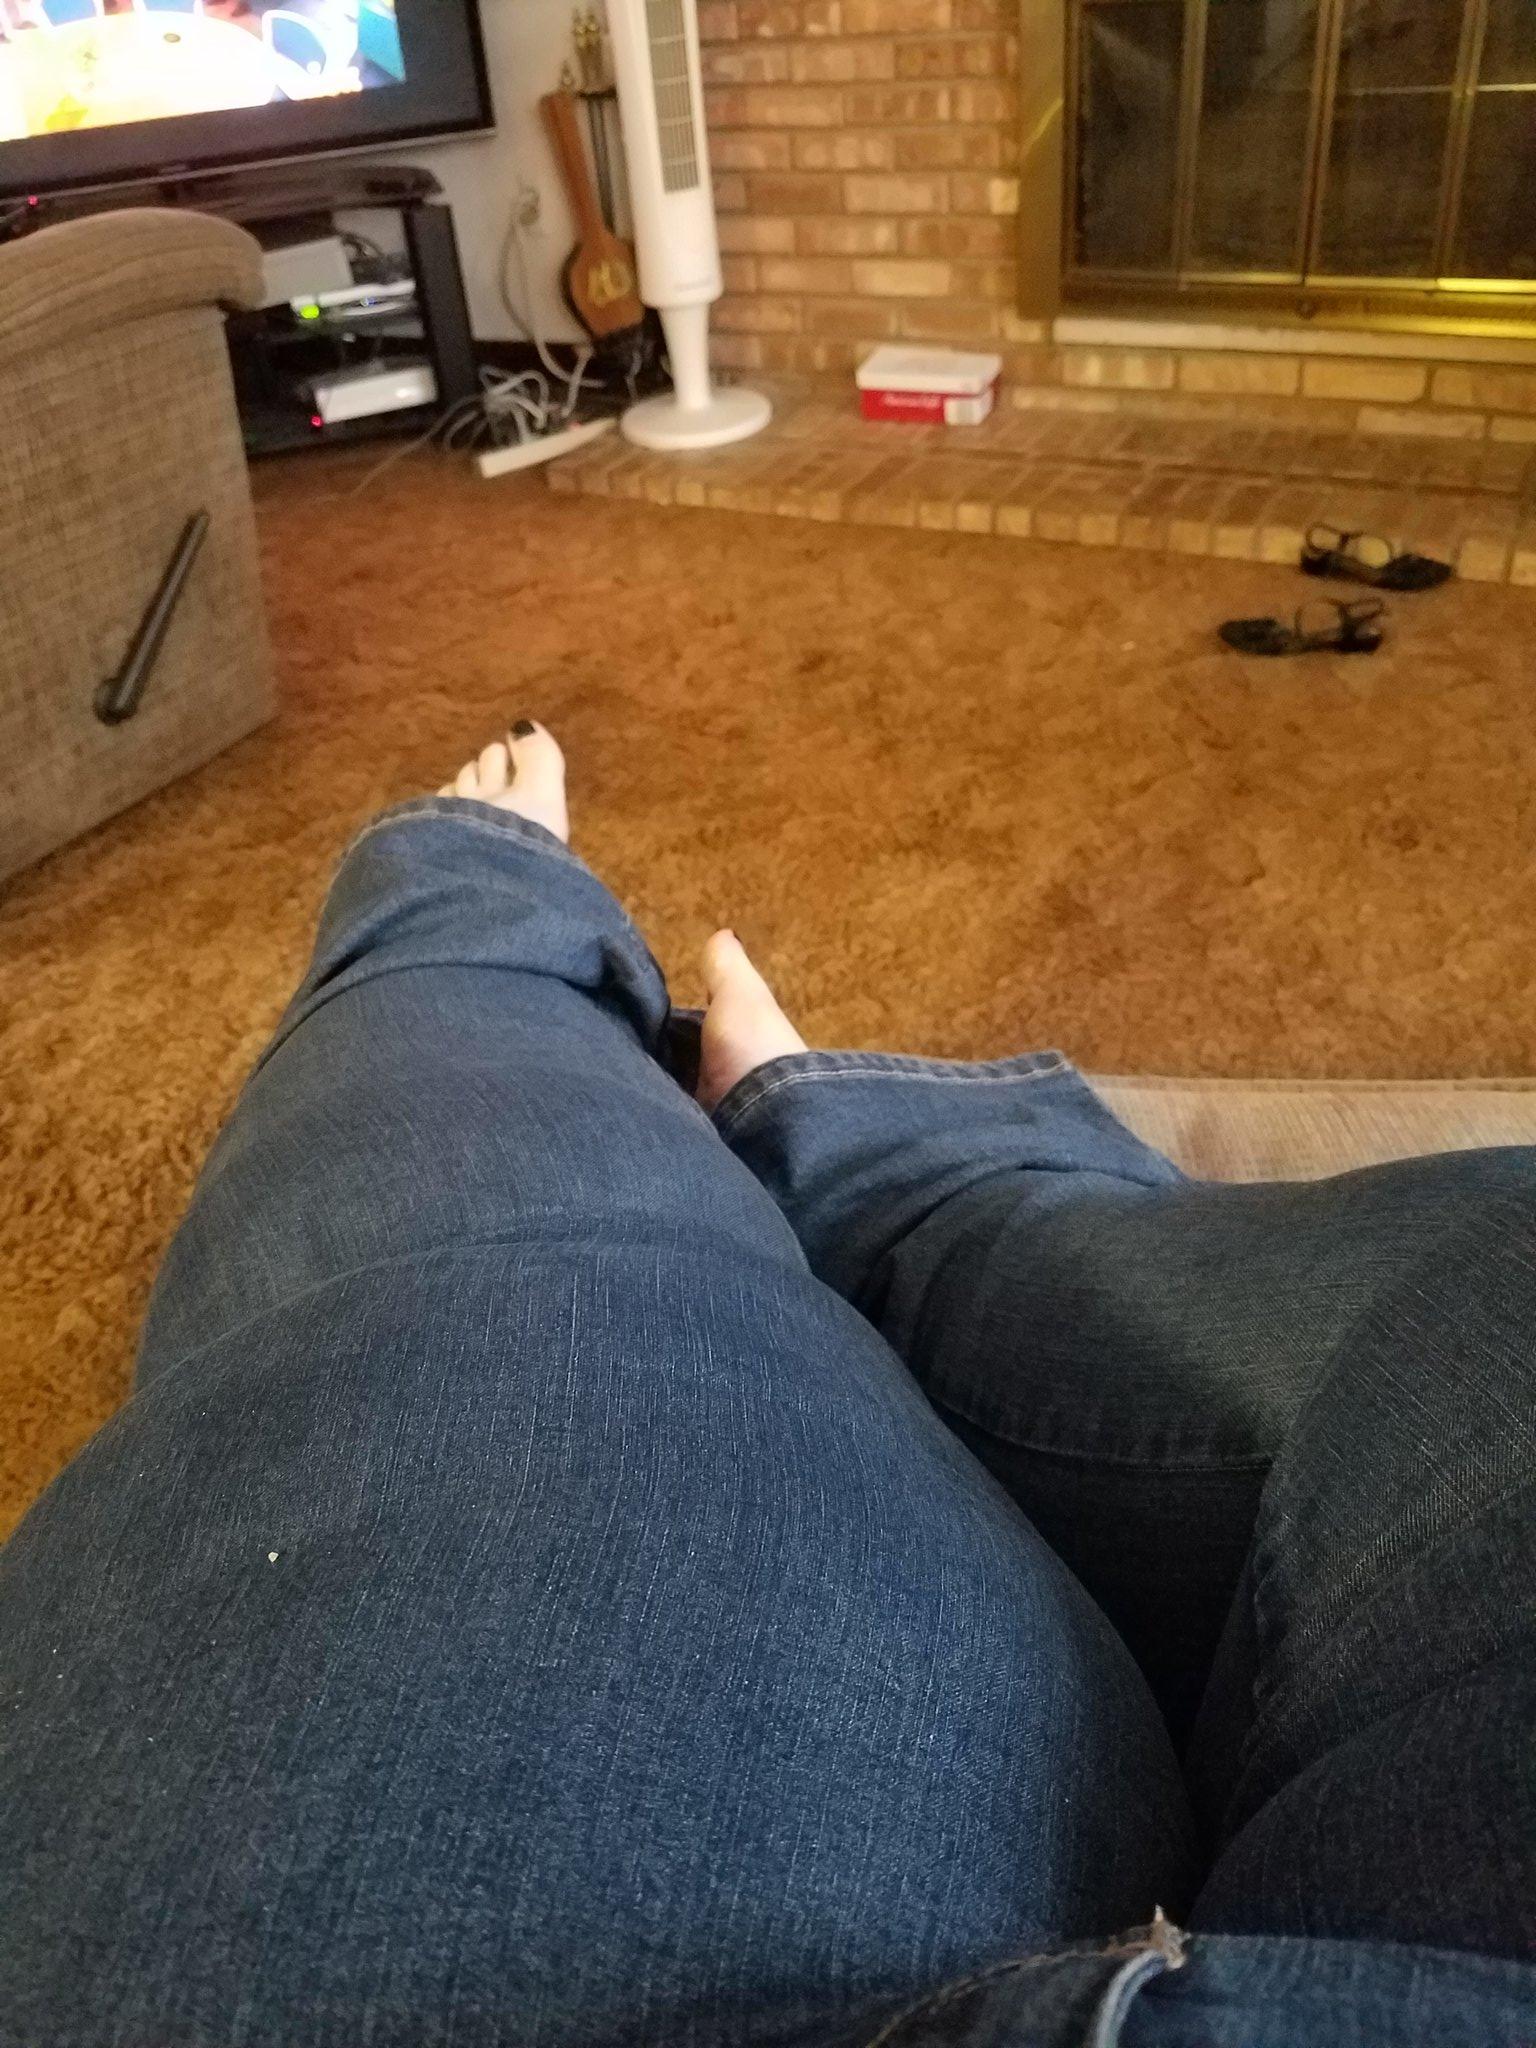 Tori Talia on Twitter Im wearing jeans ssbbw httpstcoeR0gXuQvWI